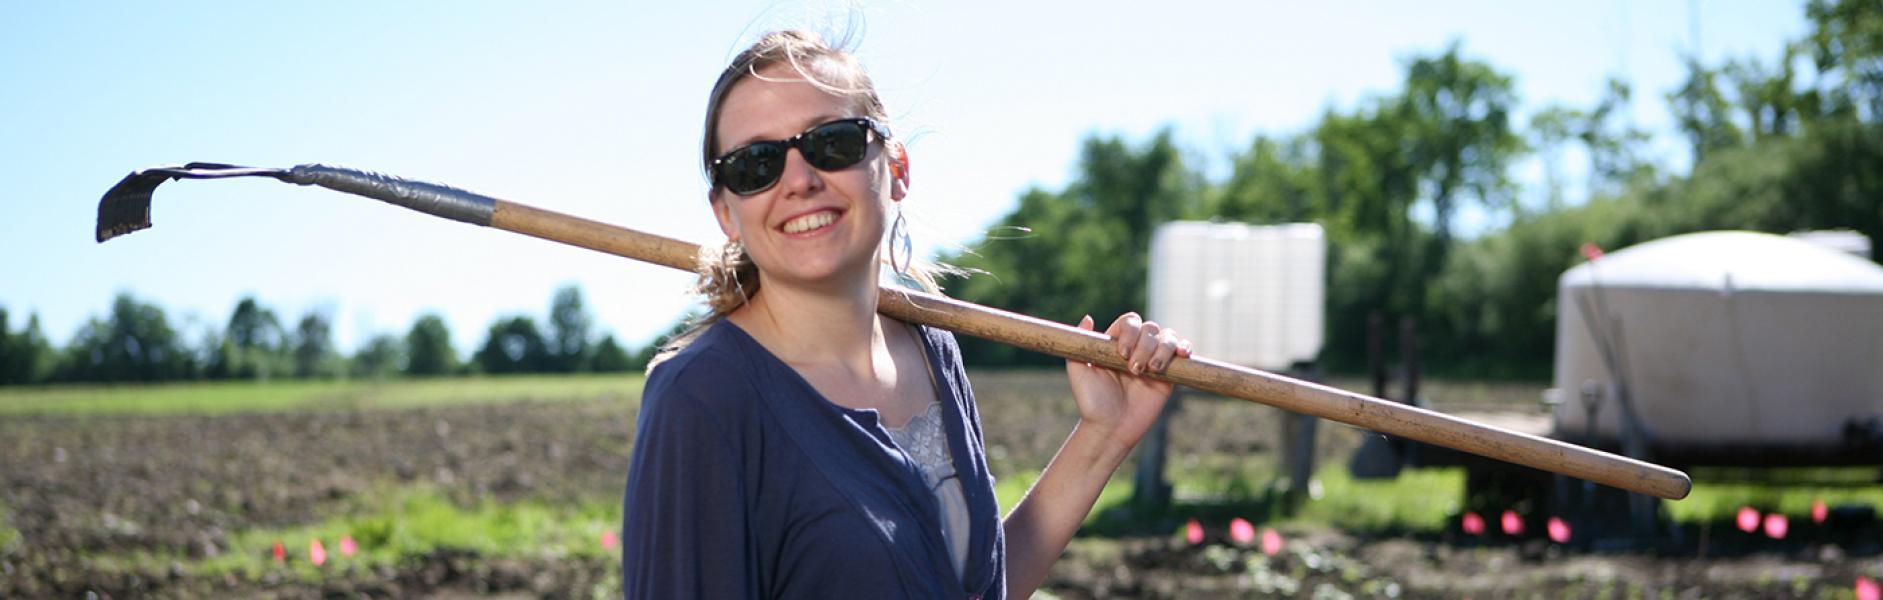 Girl holding a garden hoe in the Trent market garden